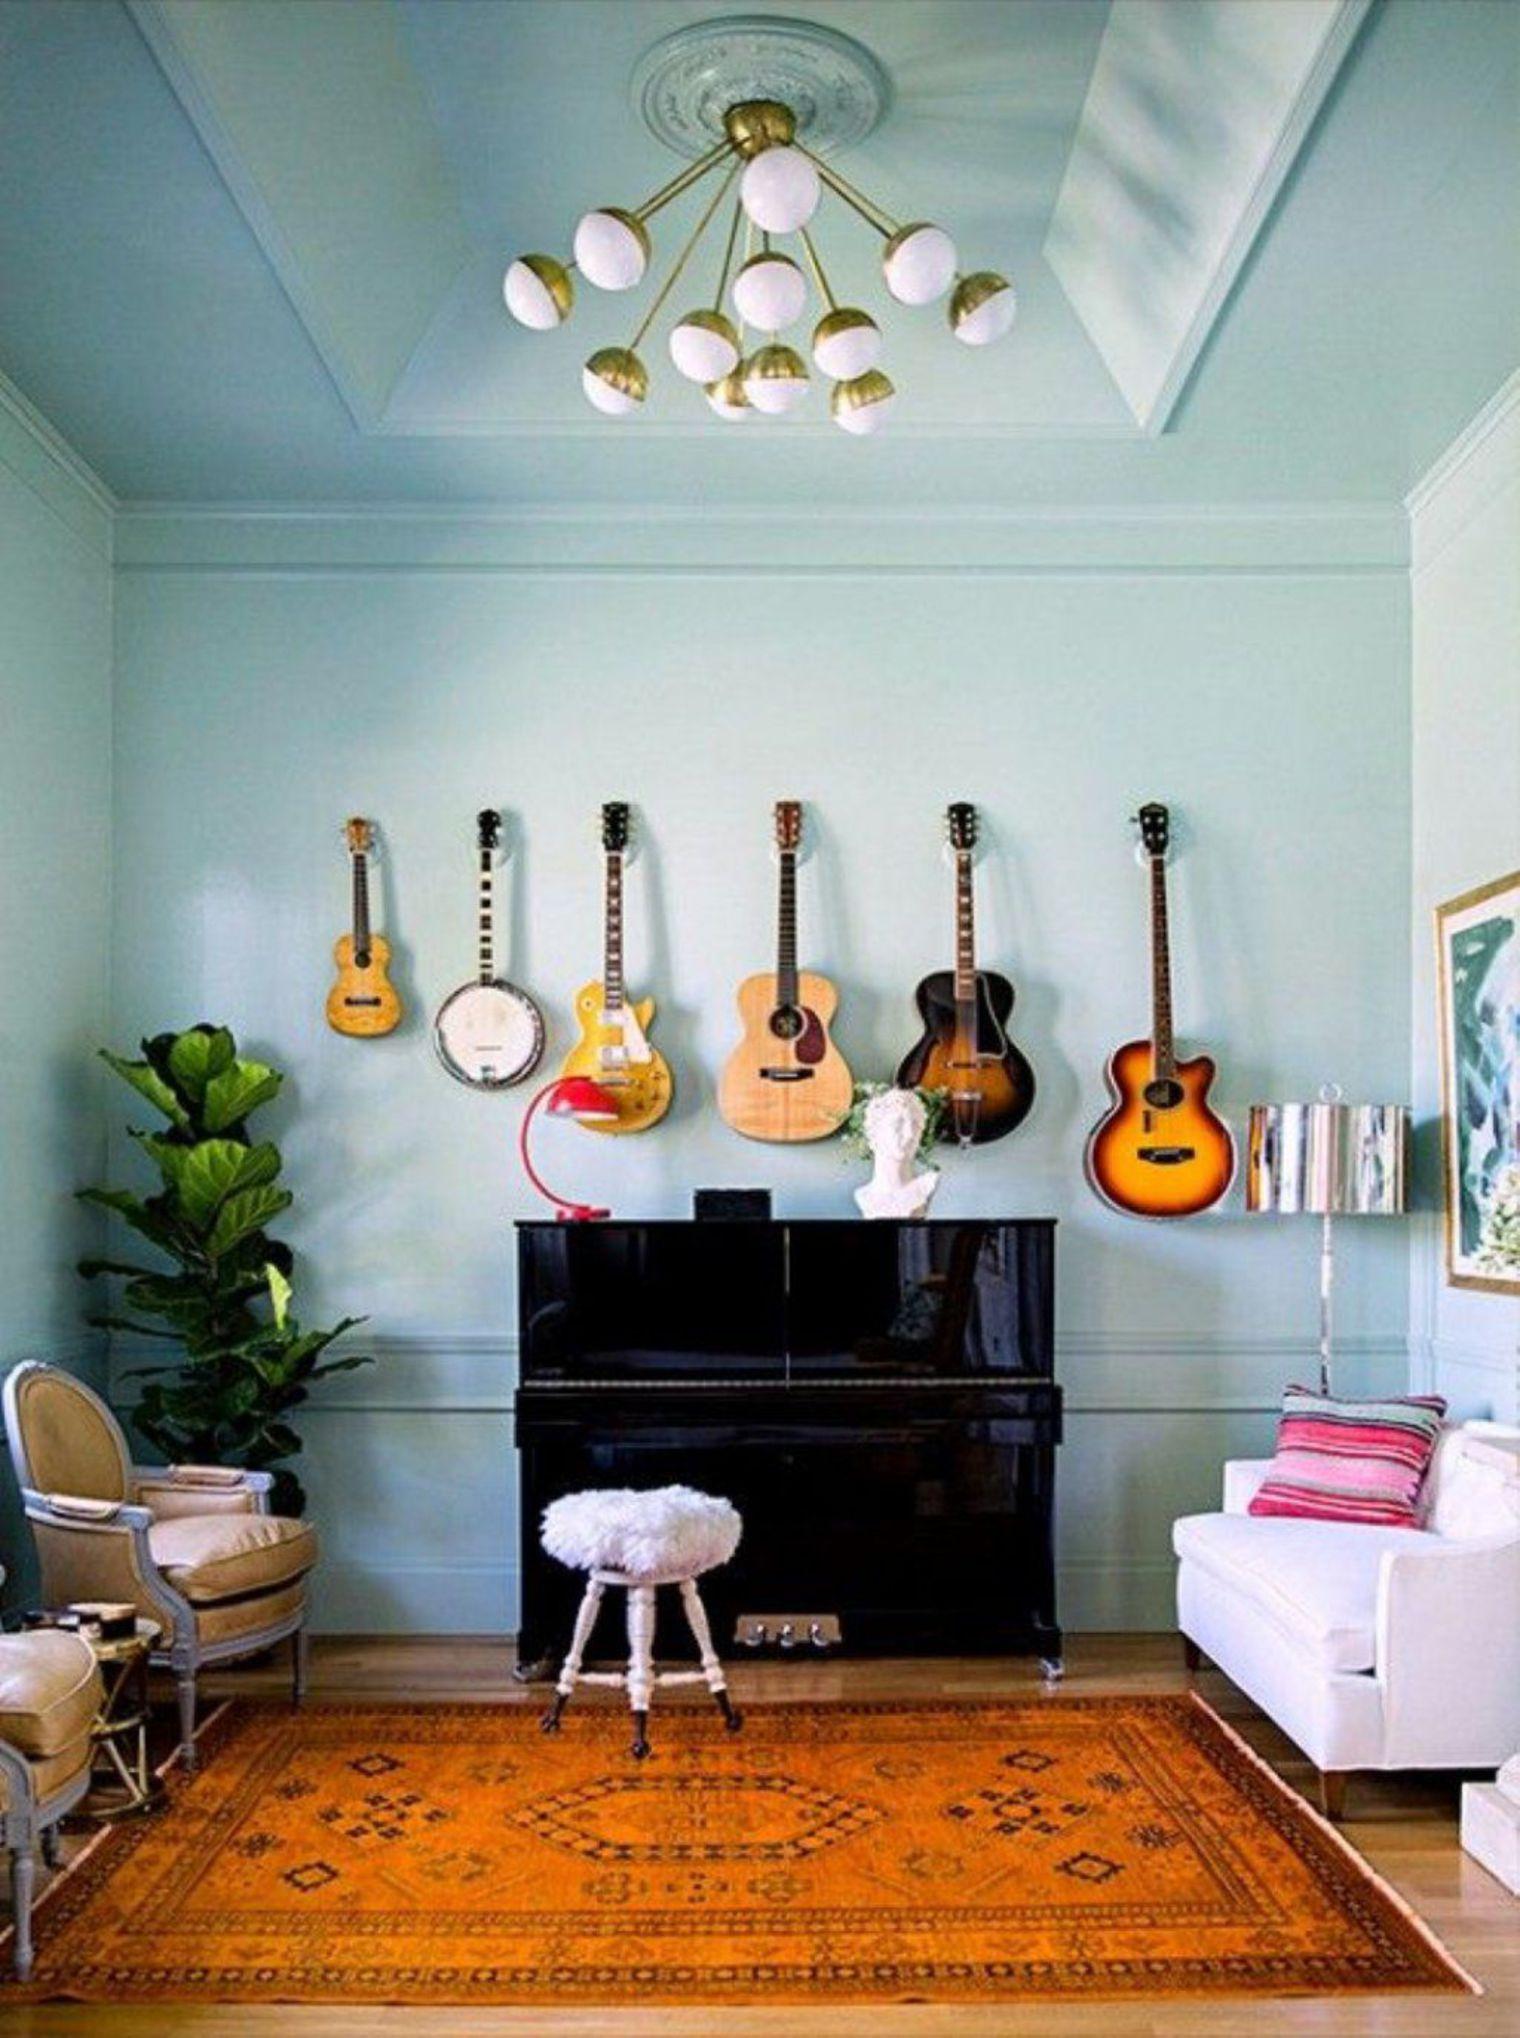 Decorare casa con strumenti musicali ecco 20 idee - Idea design casa ...